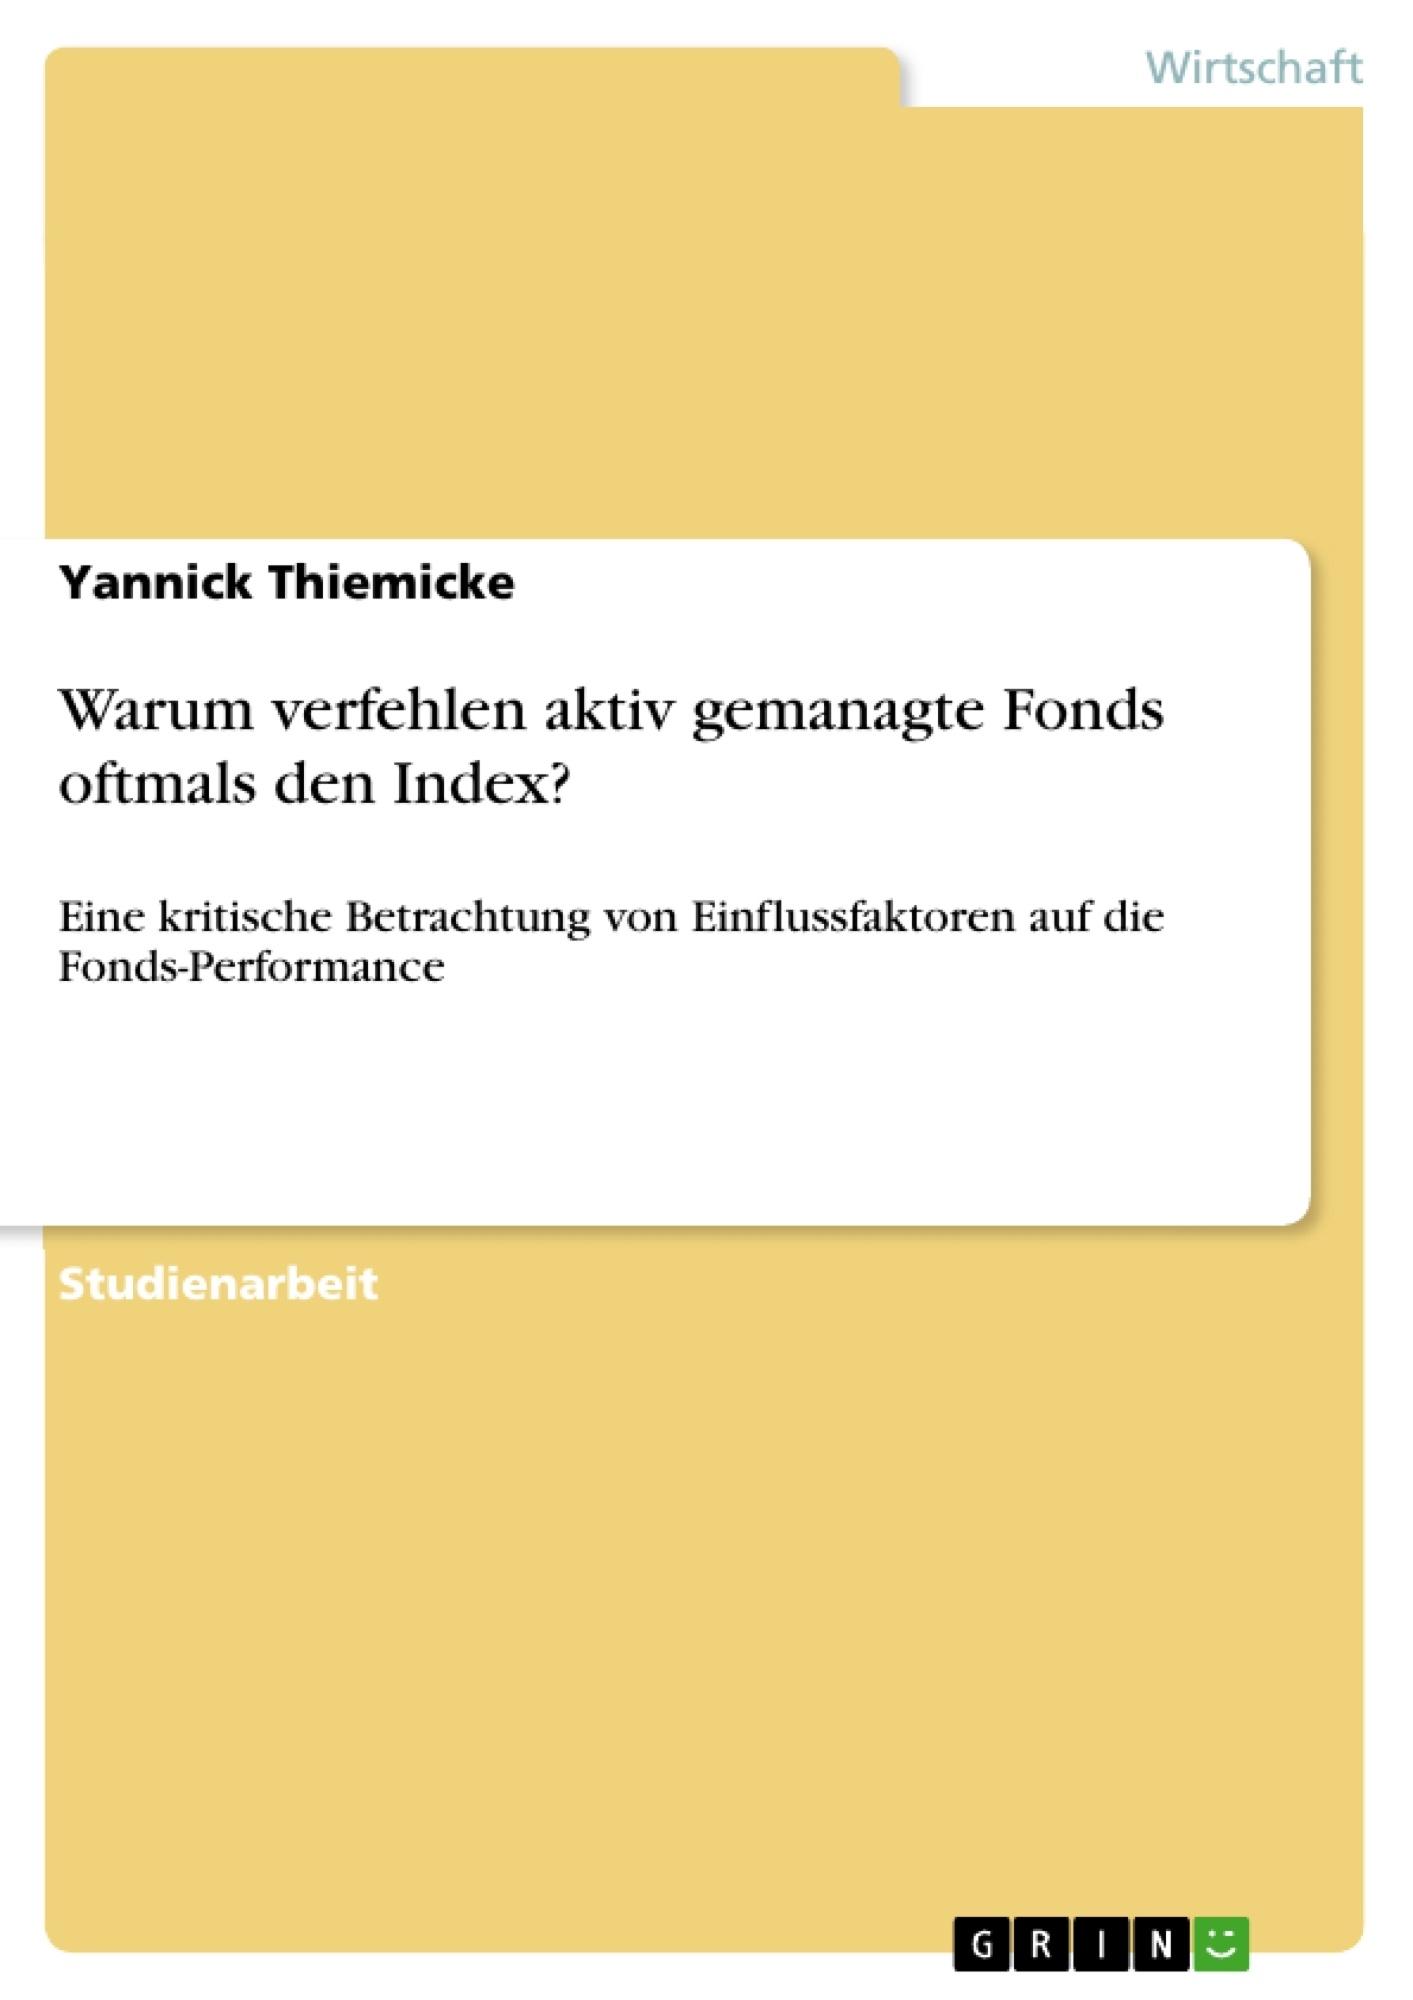 Titel: Warum verfehlen aktiv gemanagte Fonds oftmals den Index?